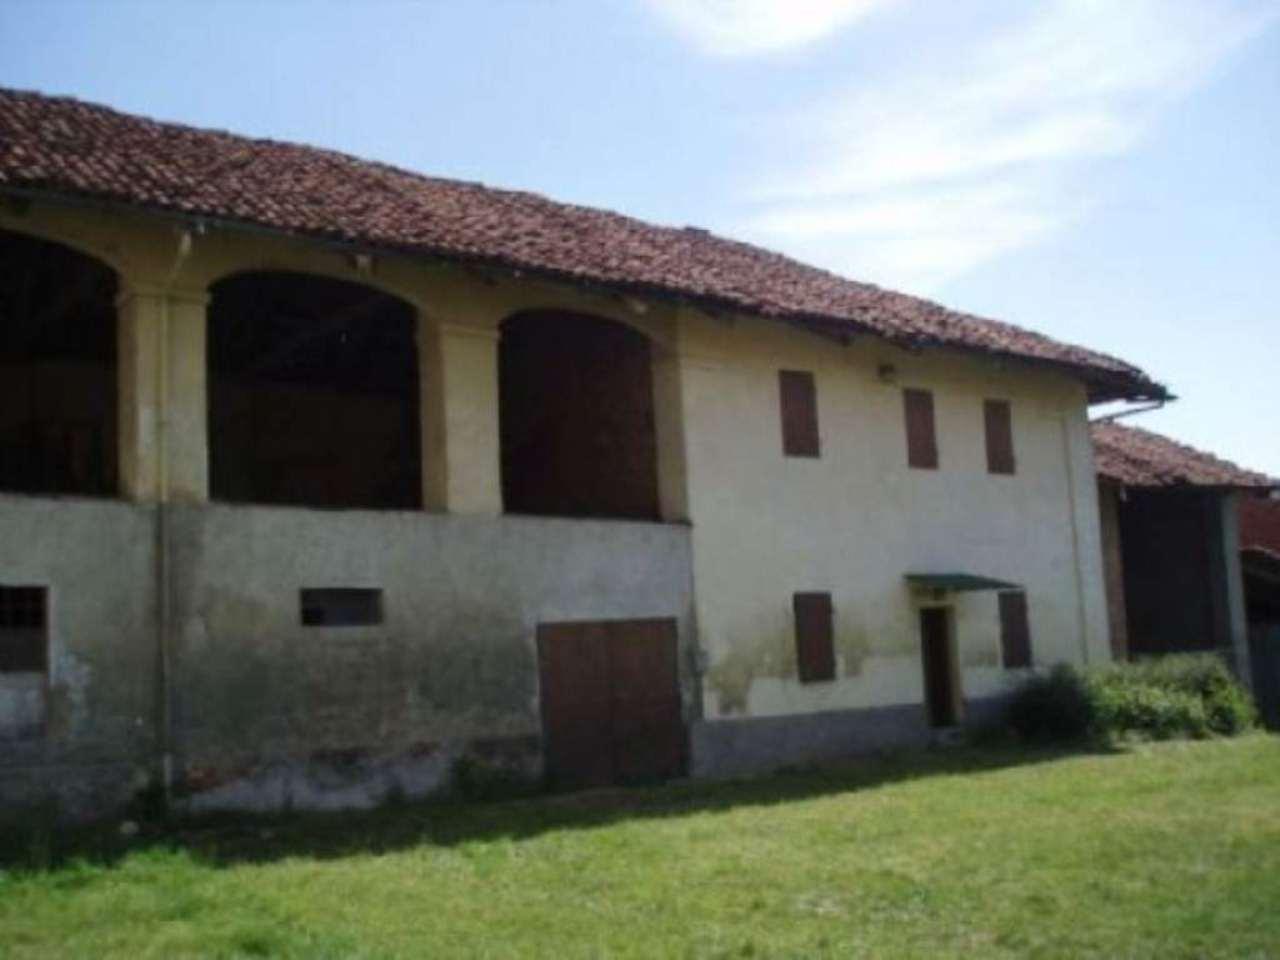 Rustico / Casale in vendita a Isolabella, 6 locali, prezzo € 64.000 | Cambio Casa.it